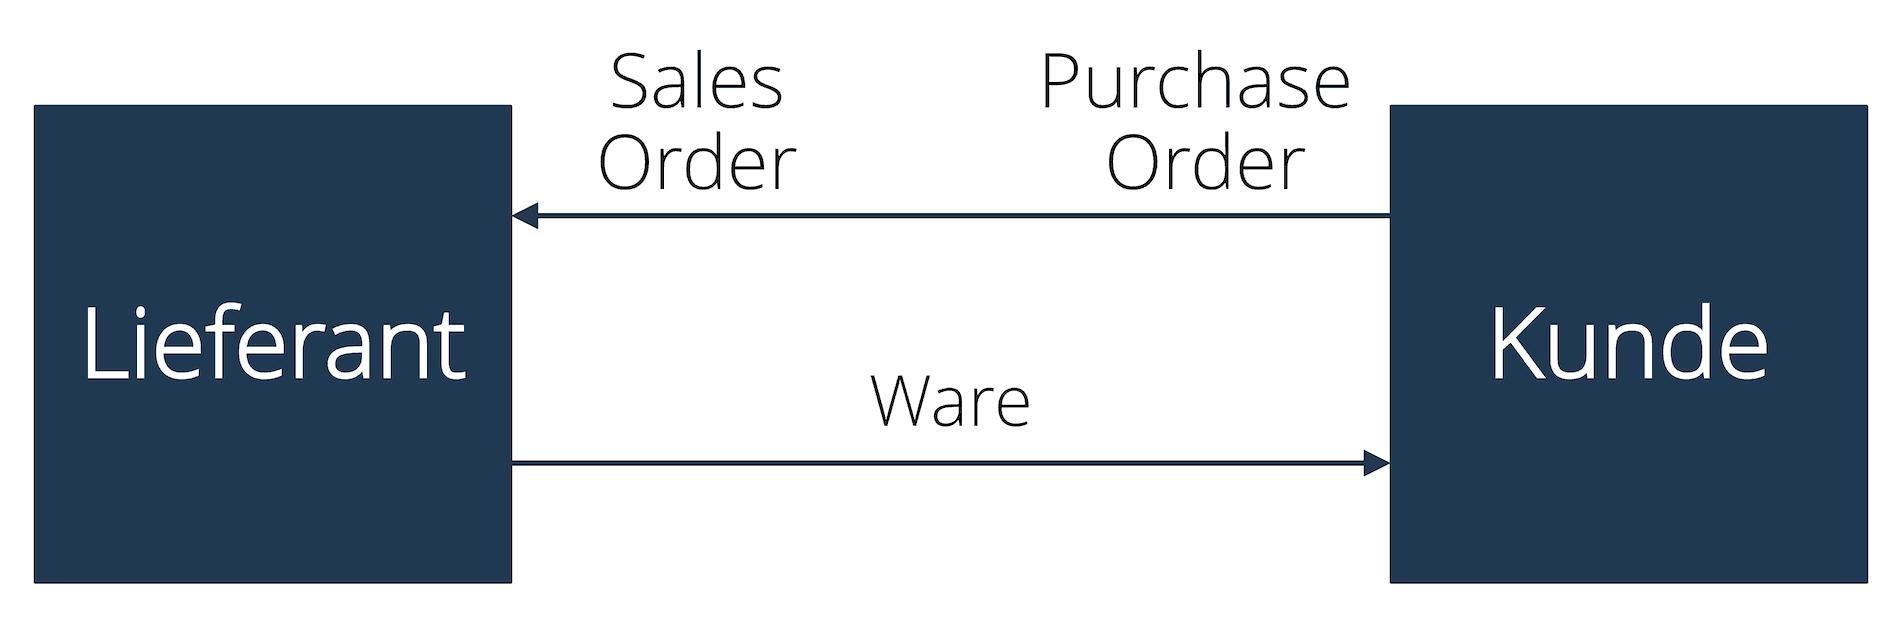 Purchase Order und Sales Order